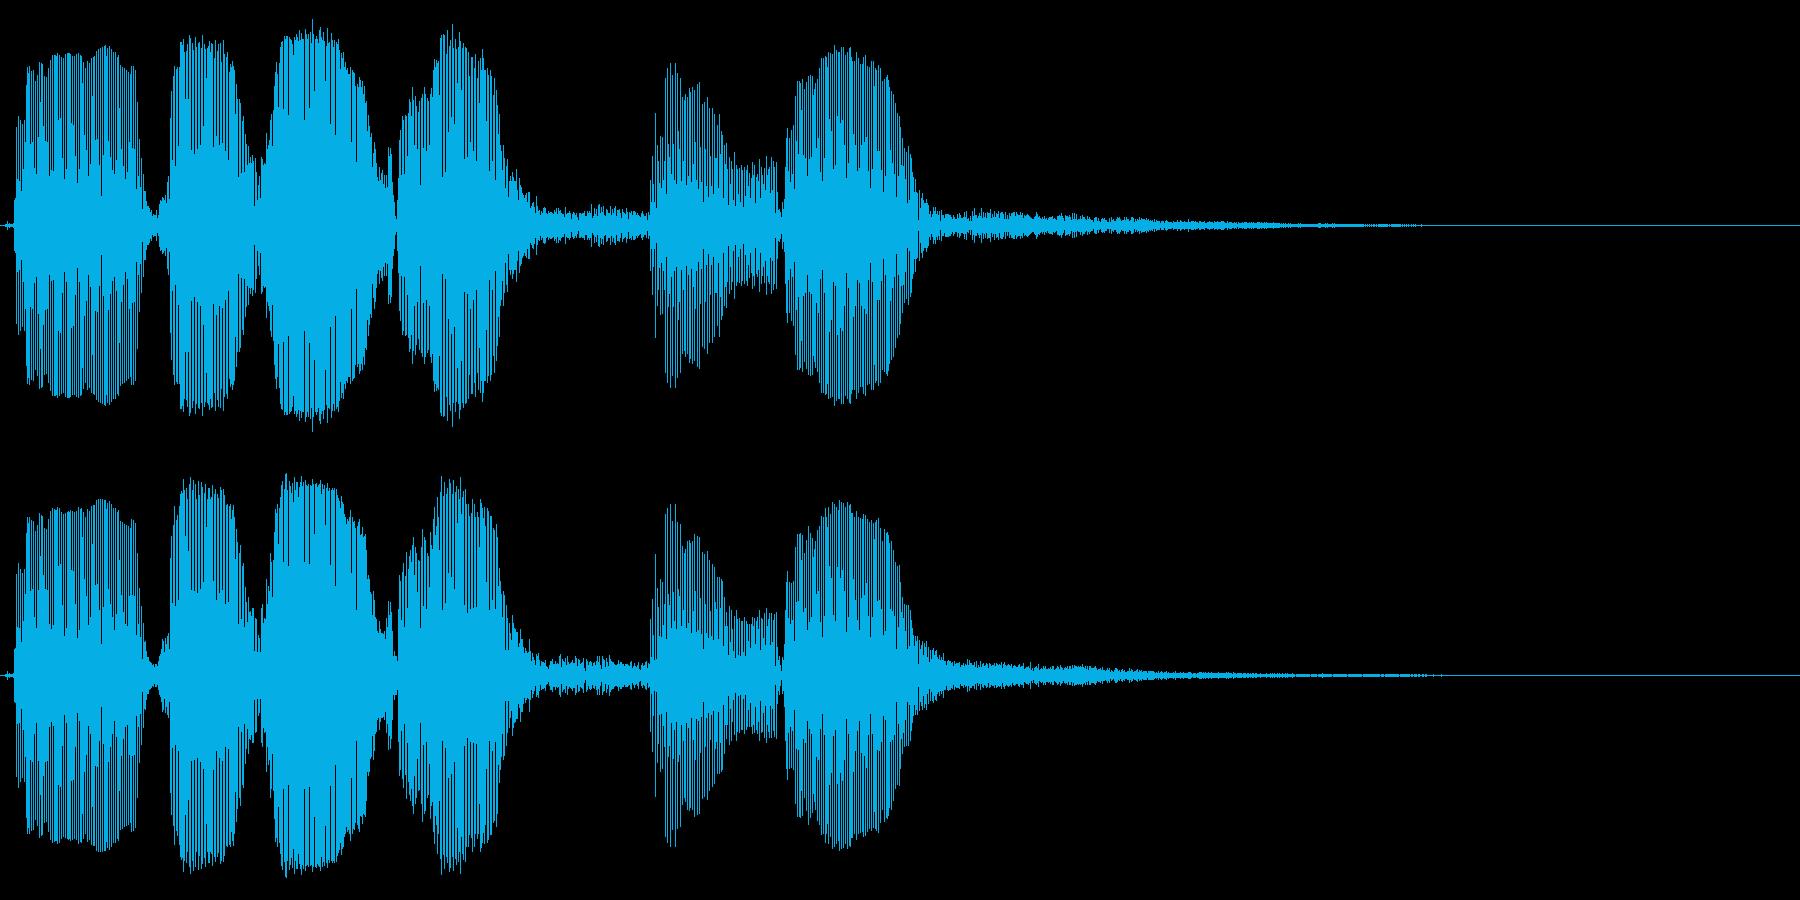 トランペット/一区切りしたい時の感じの再生済みの波形